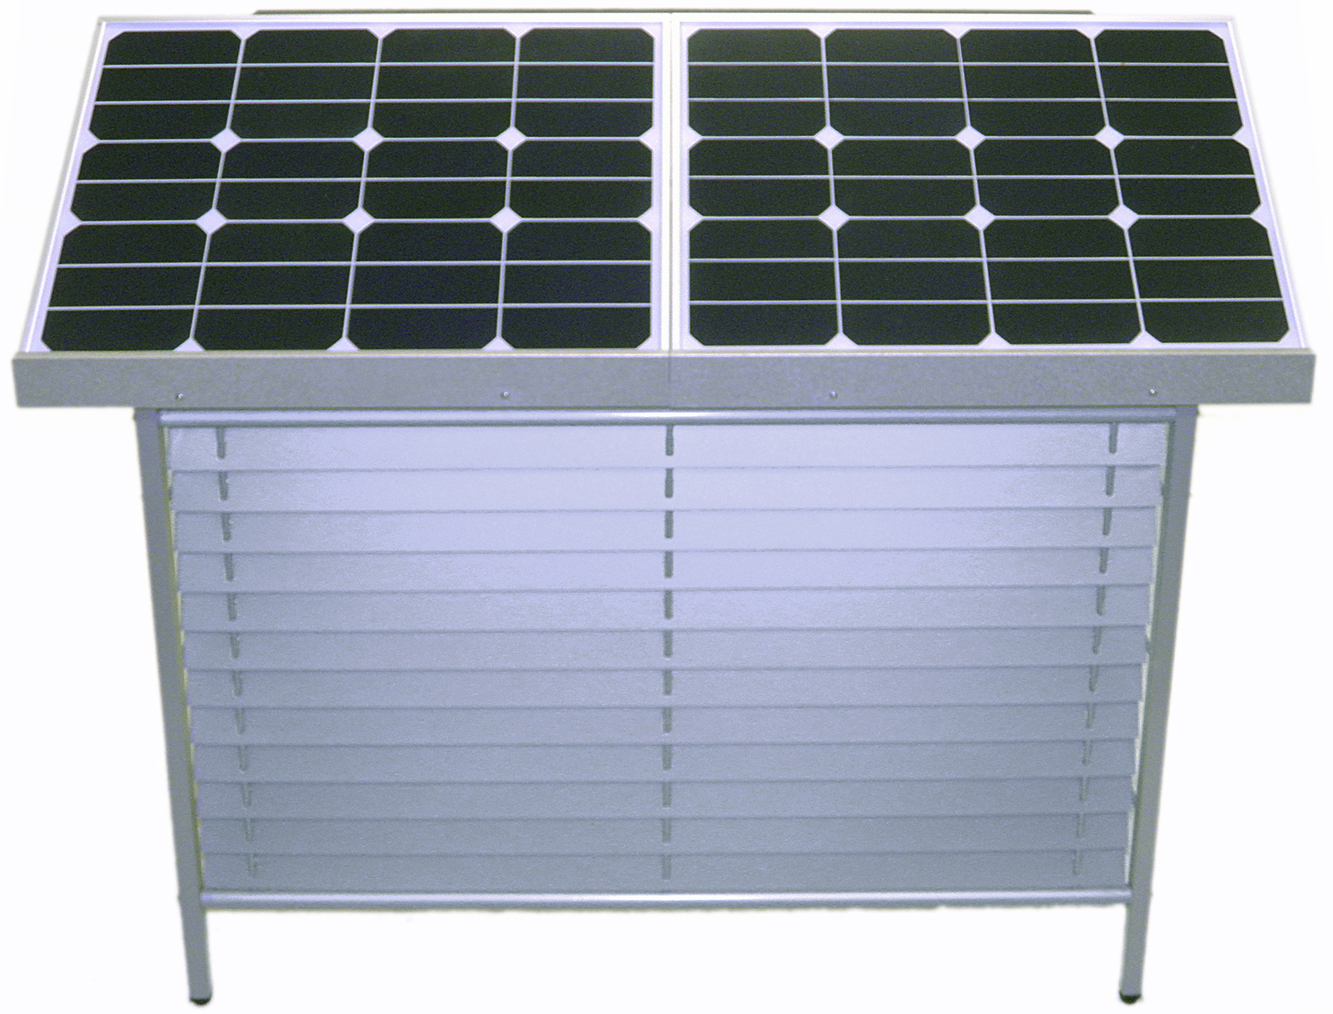 【停電対策】【室外機カバー型】【非常用電源】ソーラー蓄電システム WinSideSolar ES-S500::2982【バッグ・小物・ブランド雑貨】記念日向けギフトの通販サイト「バースデープレス」